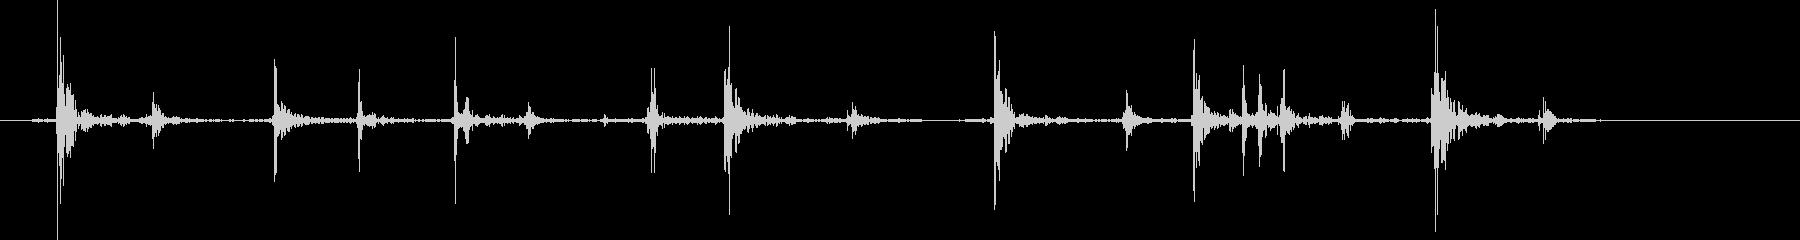 チャチャ..。PCタイピング音(低)の未再生の波形